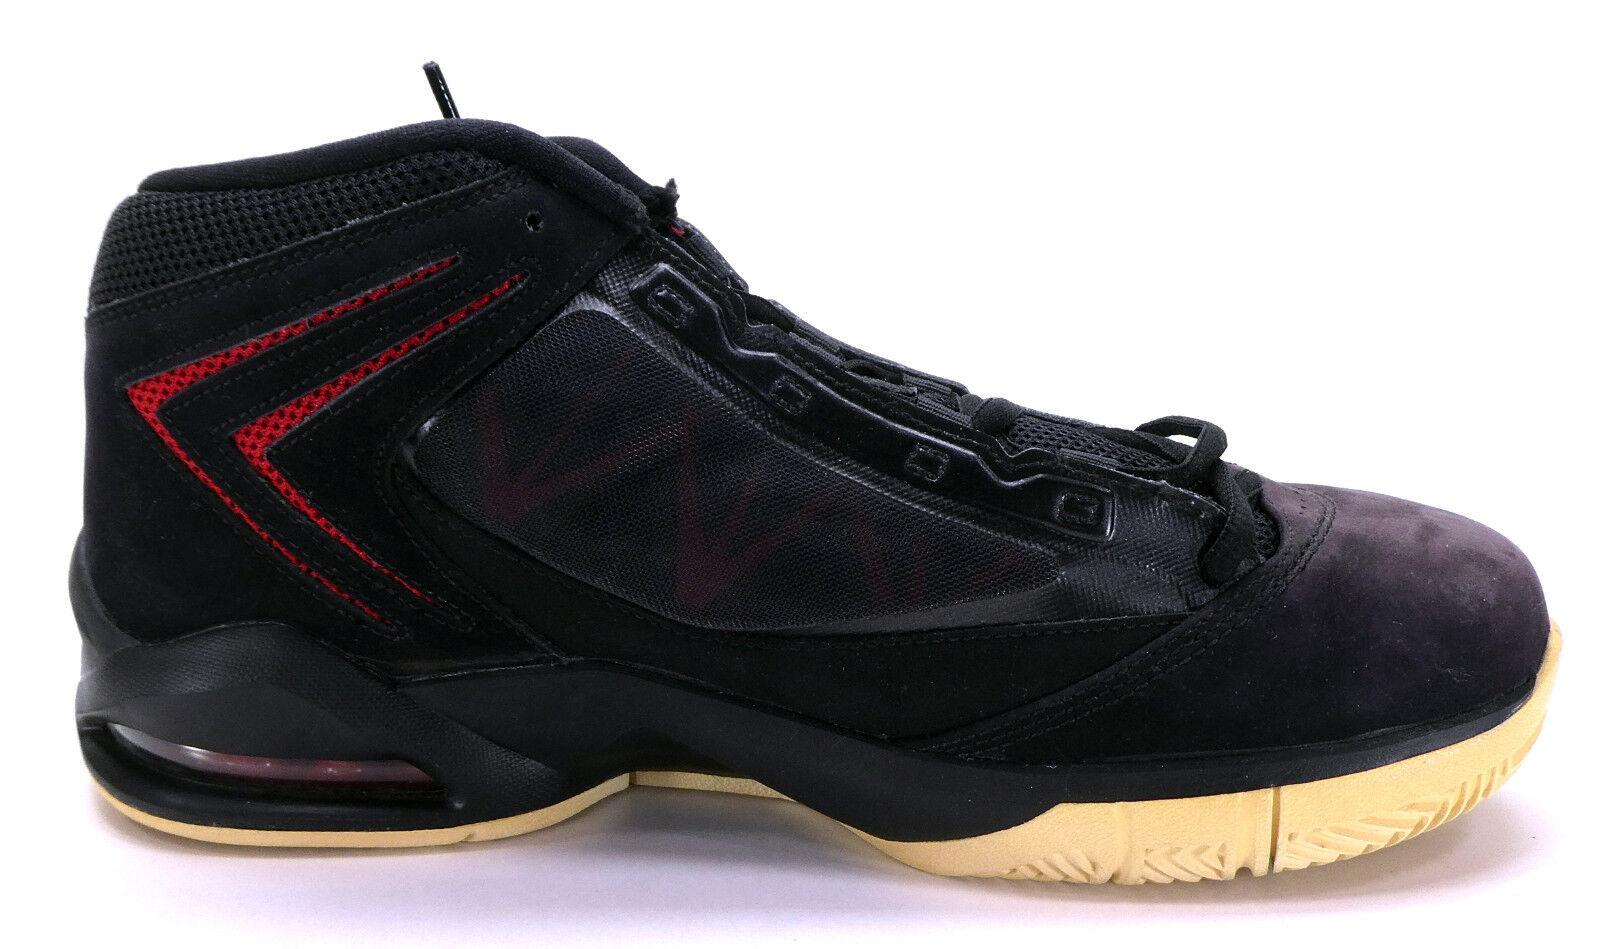 les chaussures de marche des femmes des baskets de nike taille de baskets révolution 3 8 Gris  hype 0d8a8c